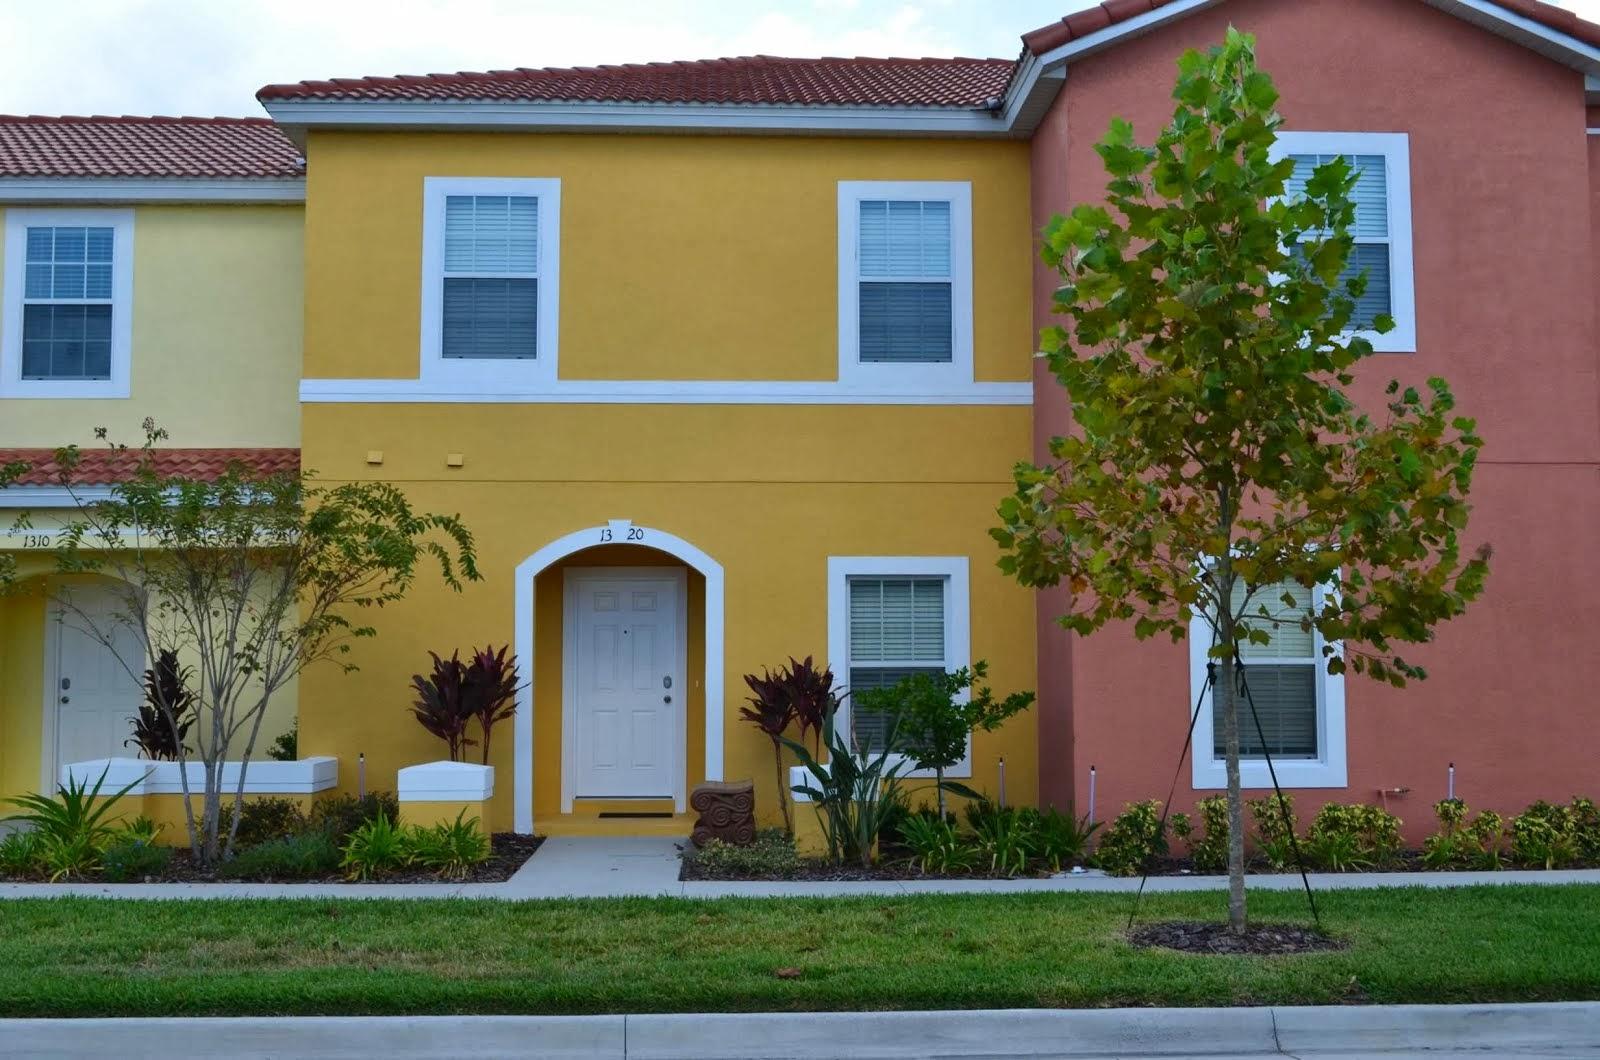 Casa com 3 quartos no condomínio Bella Vida